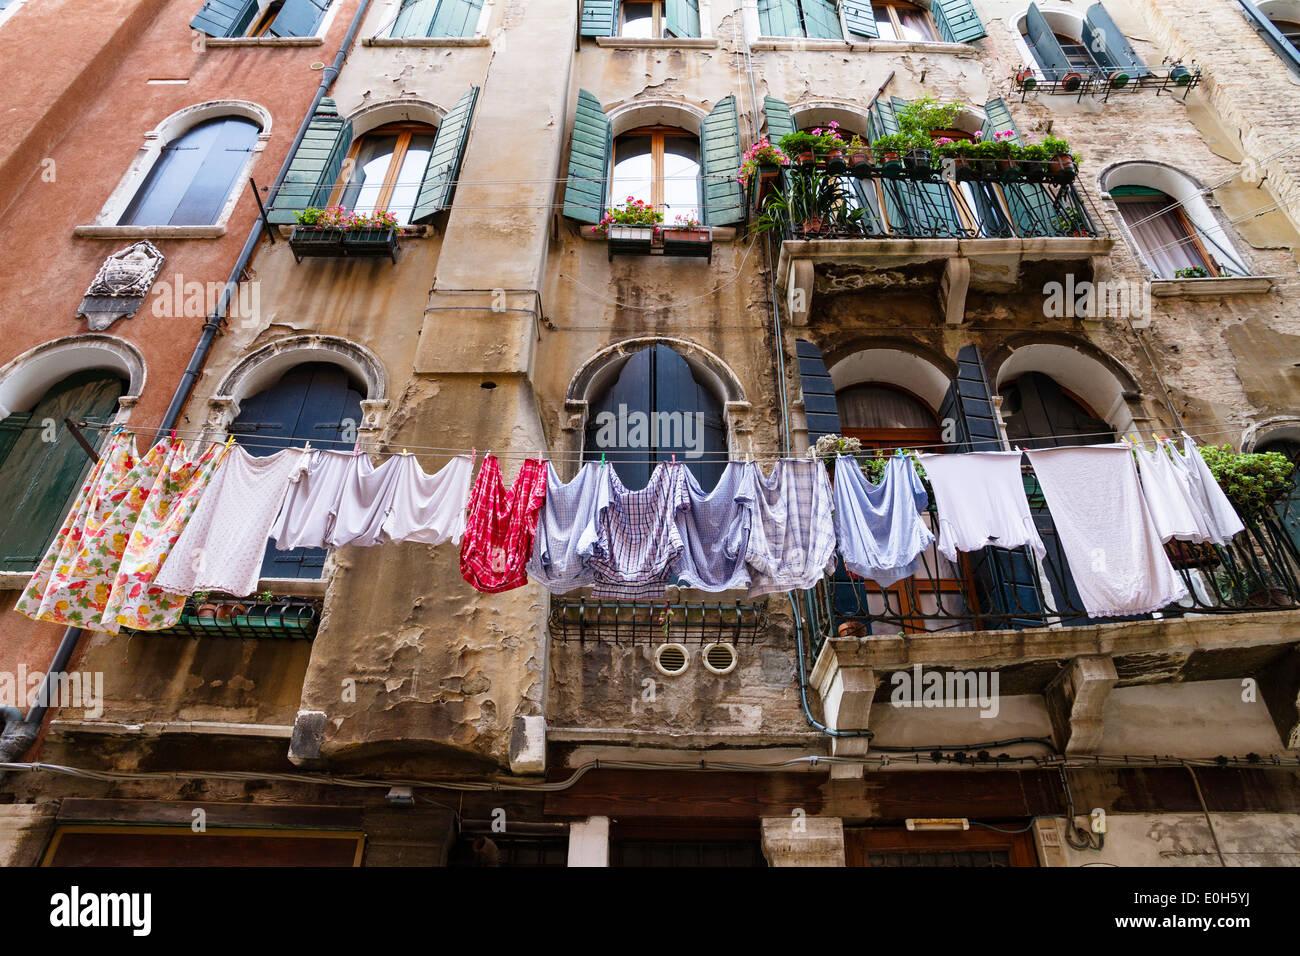 Fachada de la casa con servicio de lavandería, Venice, Venecia, Italia, Europa Imagen De Stock